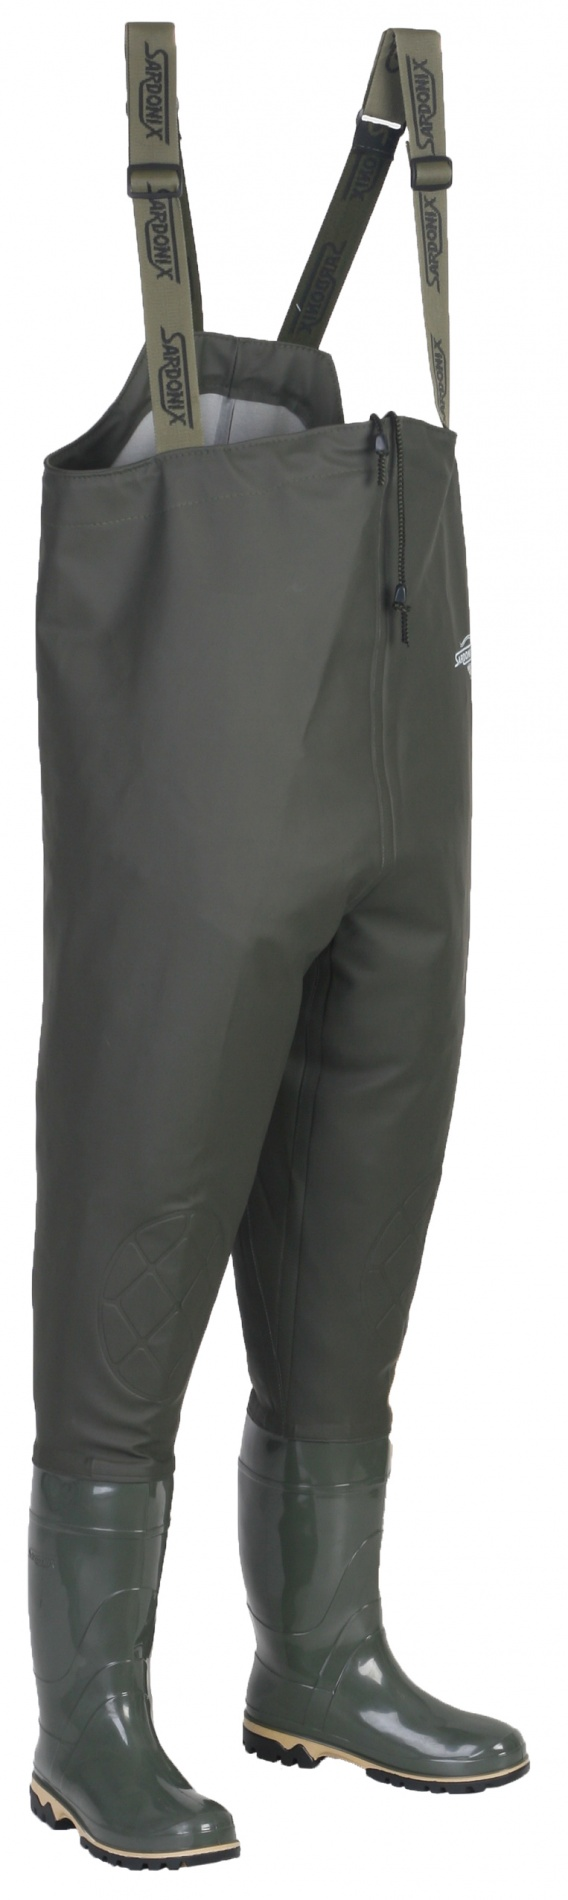 Полукомбинезон ПВХ (SARDONIX), рыбацкий оливковый Полукомбинезоны рыбацкие<br>Верх рыбацкого полукомбенизо изготовлен <br>из винитола, обладающего высокой прочностью, <br>износостойкостью и эалстичностью. Винитол <br>герметично соединен с коротким сапогом, <br>что позволяет носить его поверх верхней <br>одежды. Низ галоши выполнен методом трехкомпонентного <br>литья с применением третьего дополнительного <br>промежуточного слоя подошвы из вспененного <br>ПВХ, что придает обуви высокие амортизационные, <br>теплозащитные, антистатические и противоскользящие <br>свойства.<br><br>Пол: мужской<br>Размер: 42(270)<br>Сезон: лето<br>Цвет: оливковый